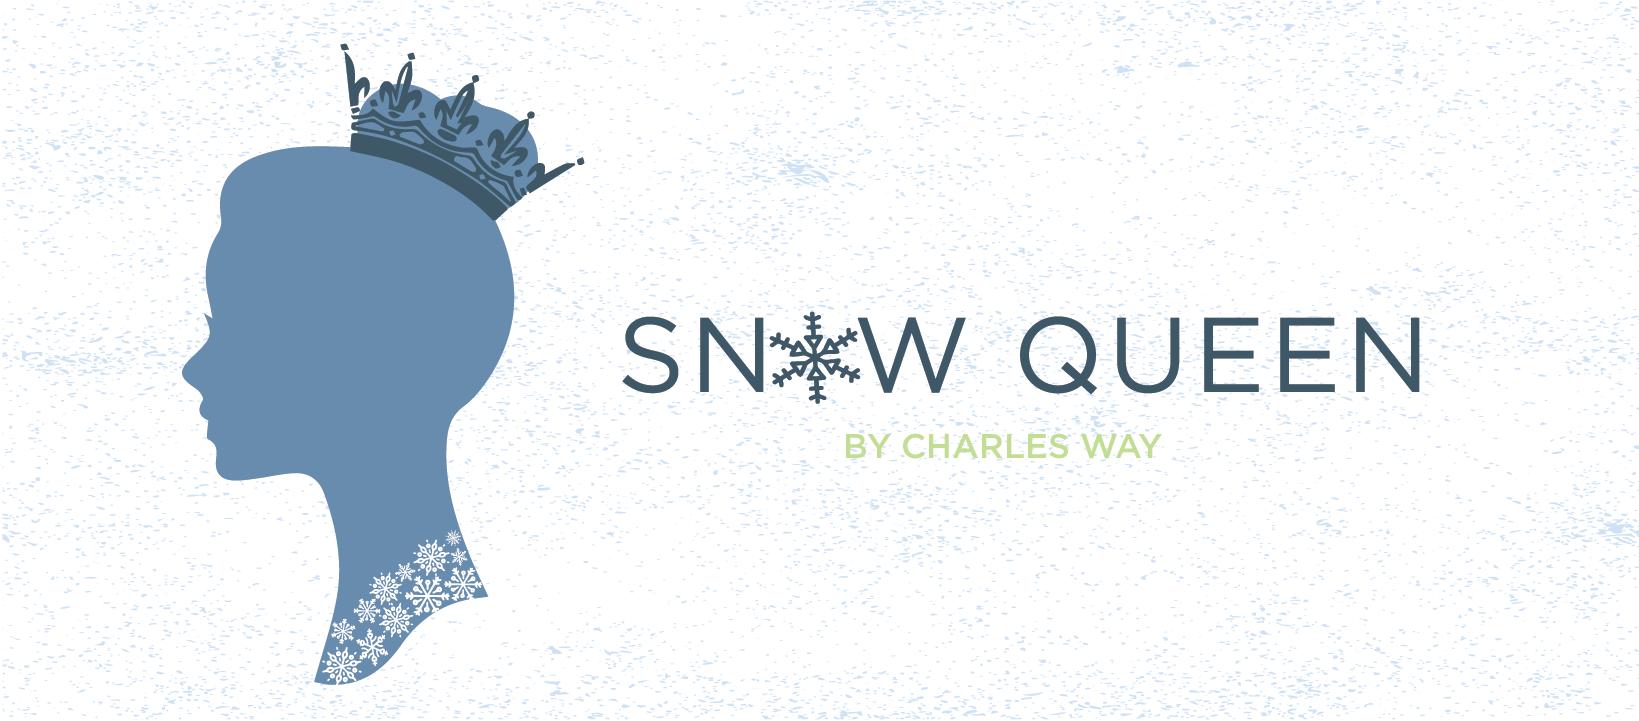 snowqueen1640x720.png